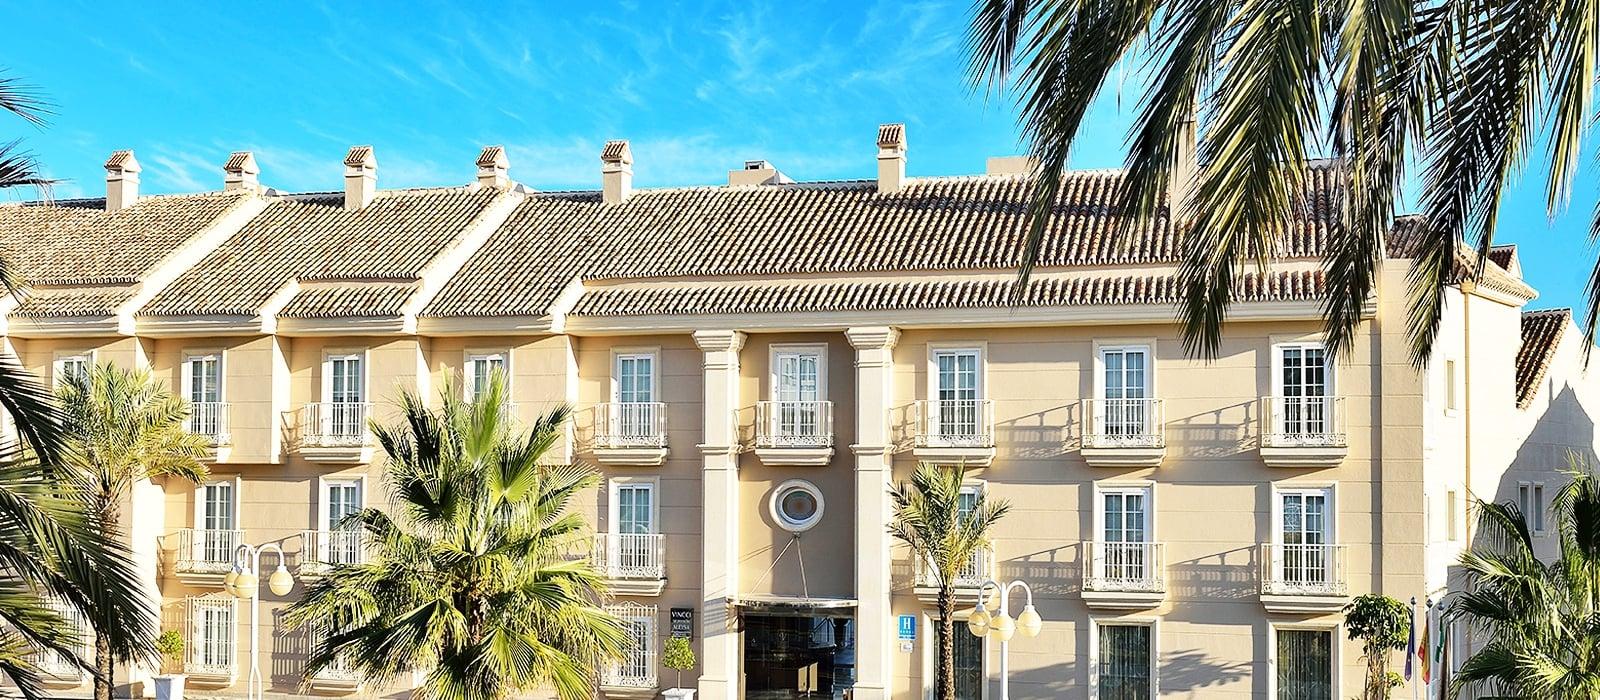 facciata-Vincci Aleysa Boutique&Spa 5* - Benalmádena - Málaga